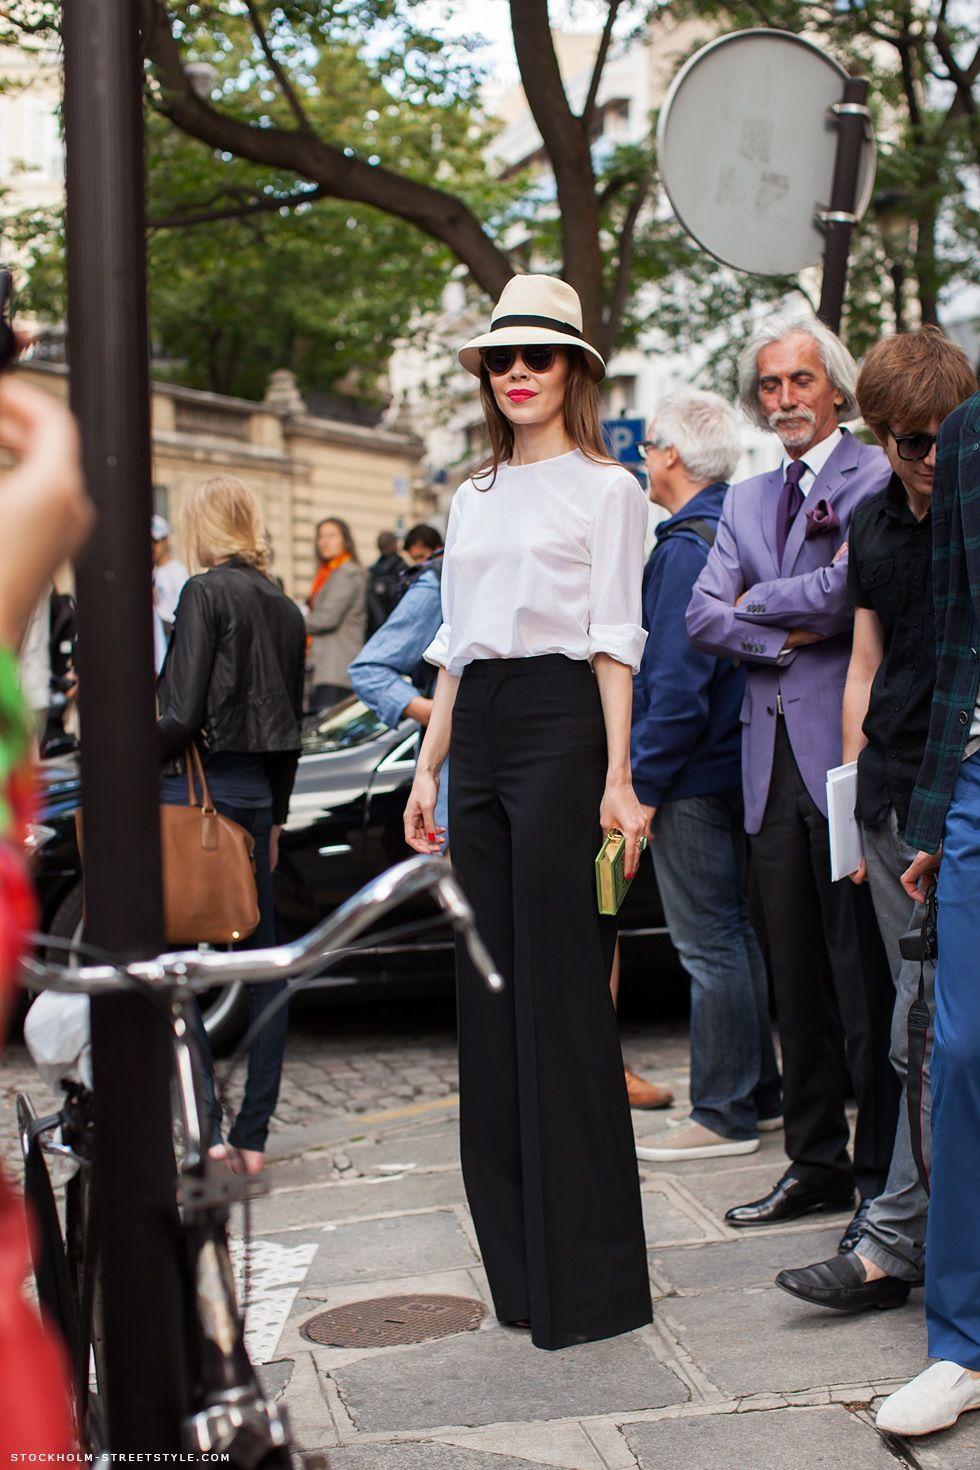 Ulyana sergeenko moda pinterest classy wide legs and street